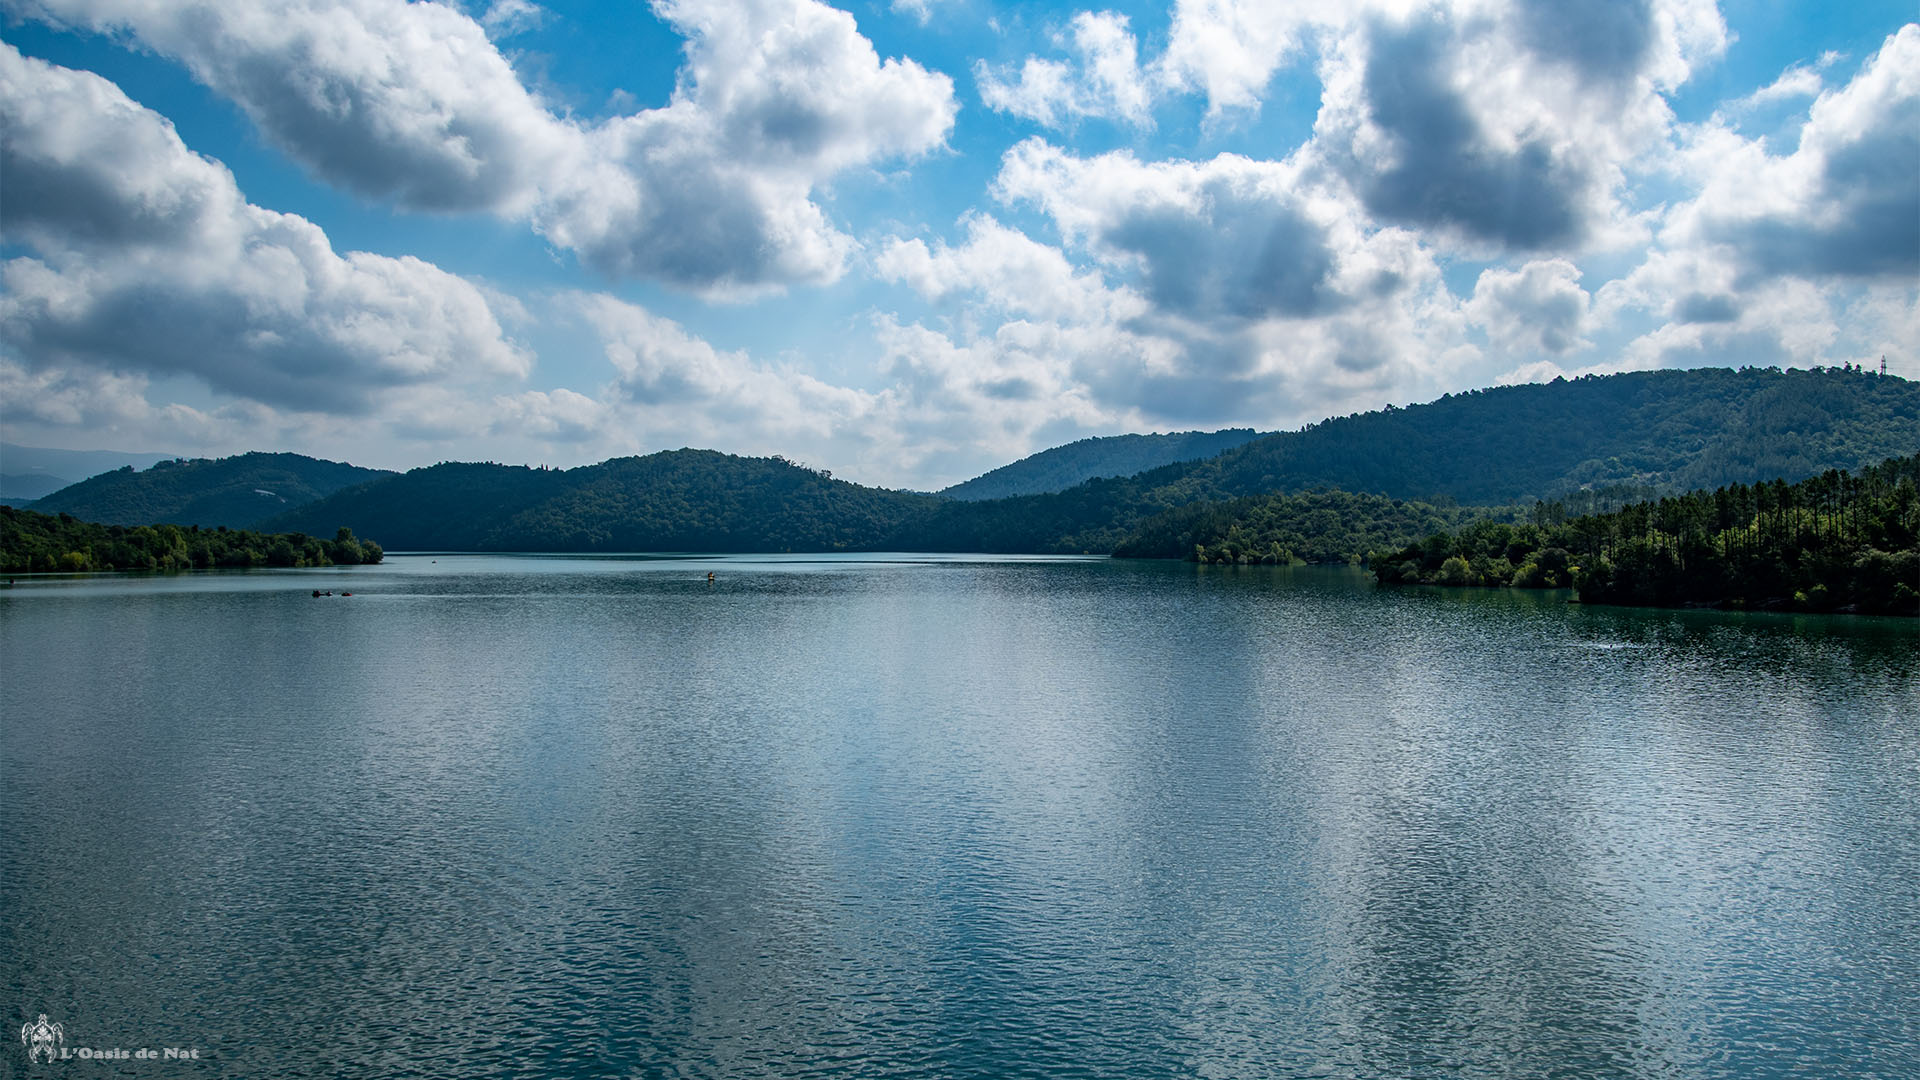 Lac de Saint Cassien_france-Alpes côte d'azur provence_l'oasis de nat